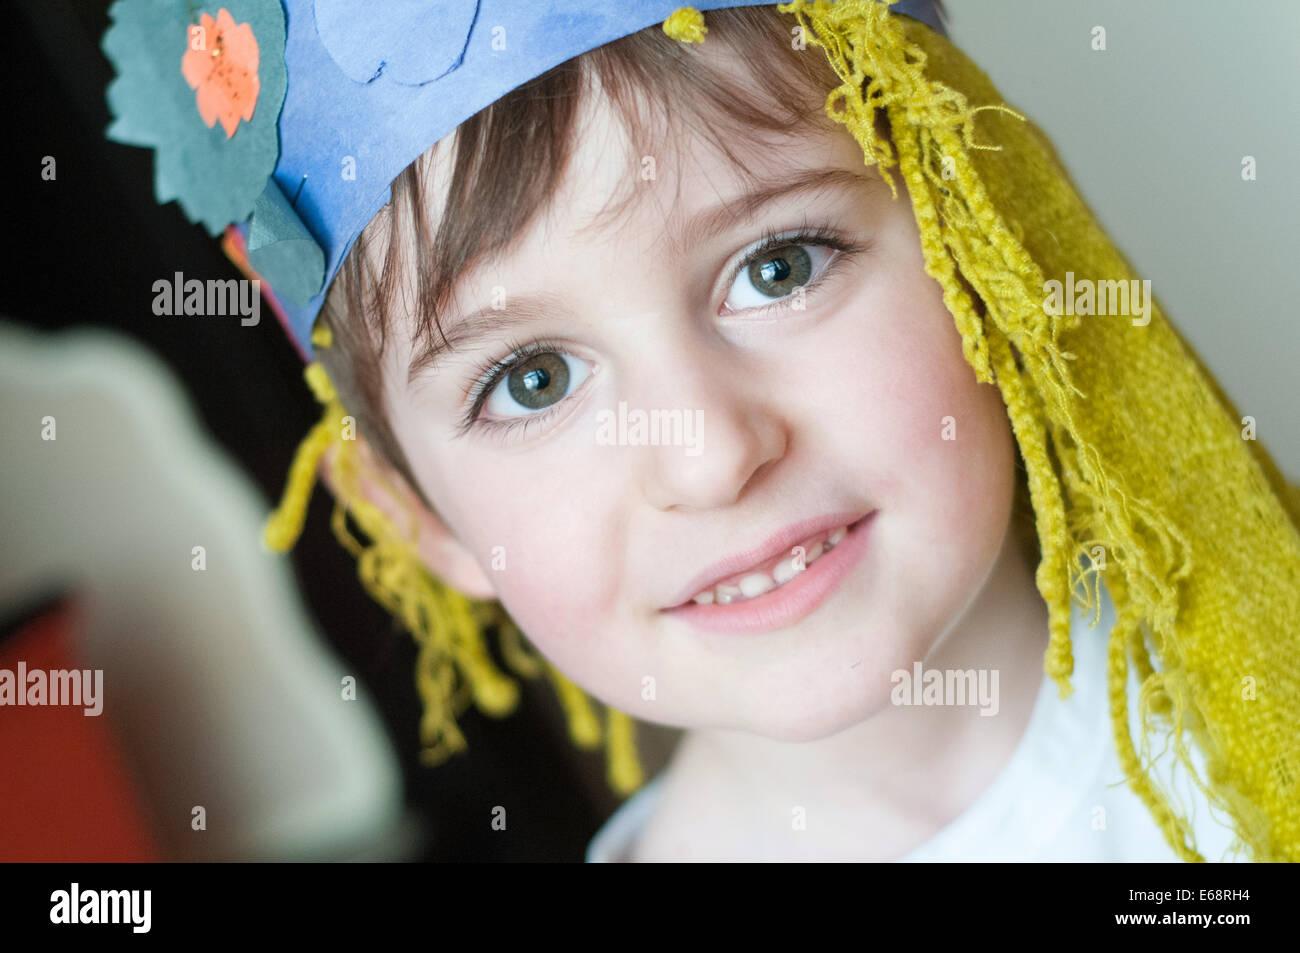 Déguisement enfant Photo Stock